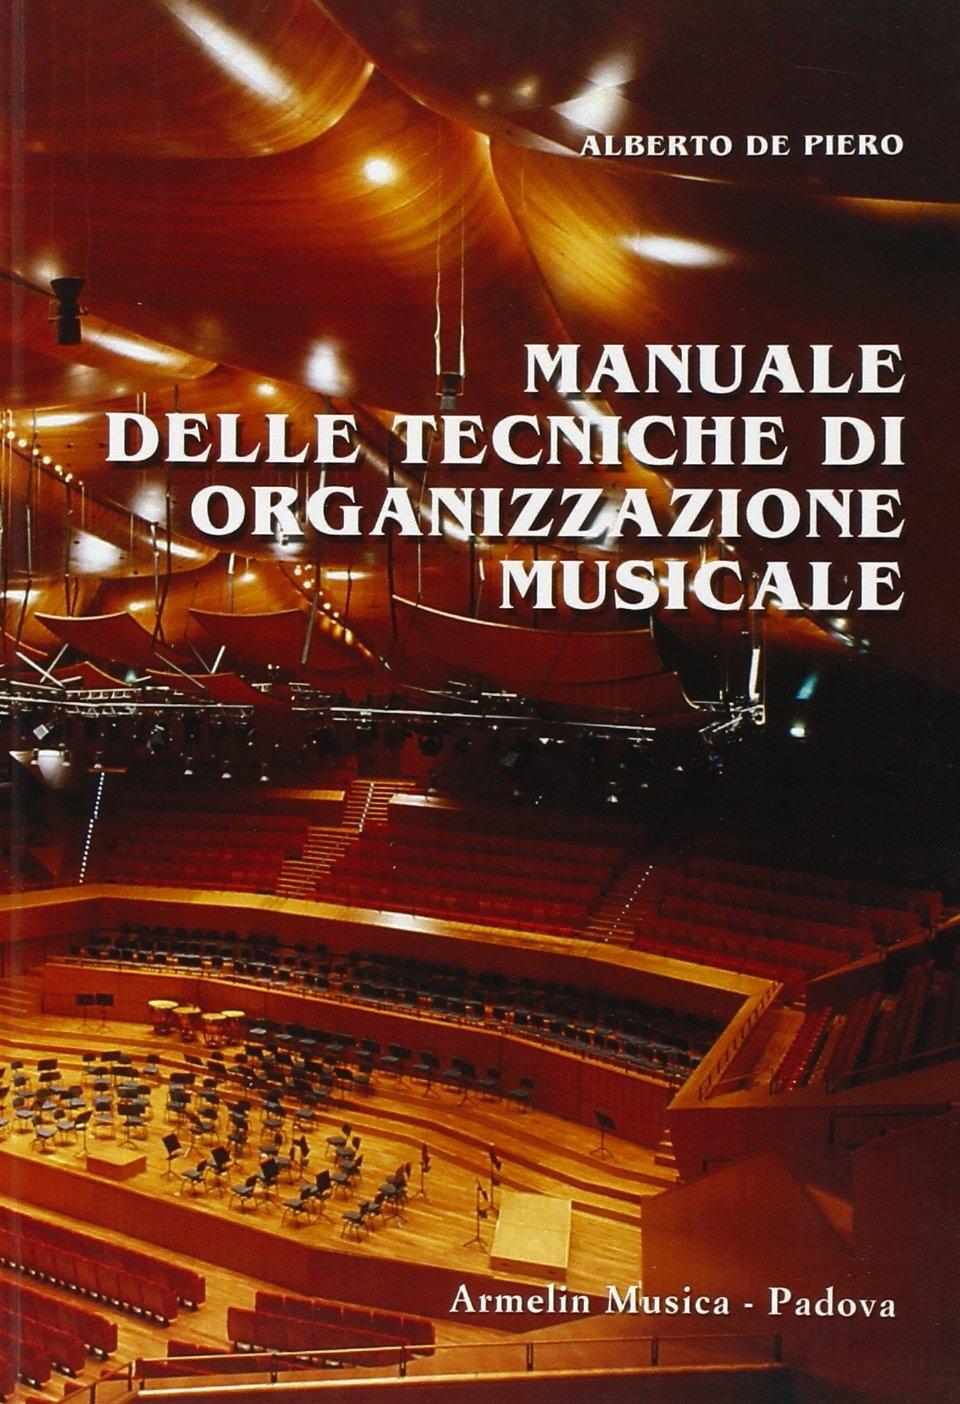 Manuale delle tecniche di organizzazione musicale